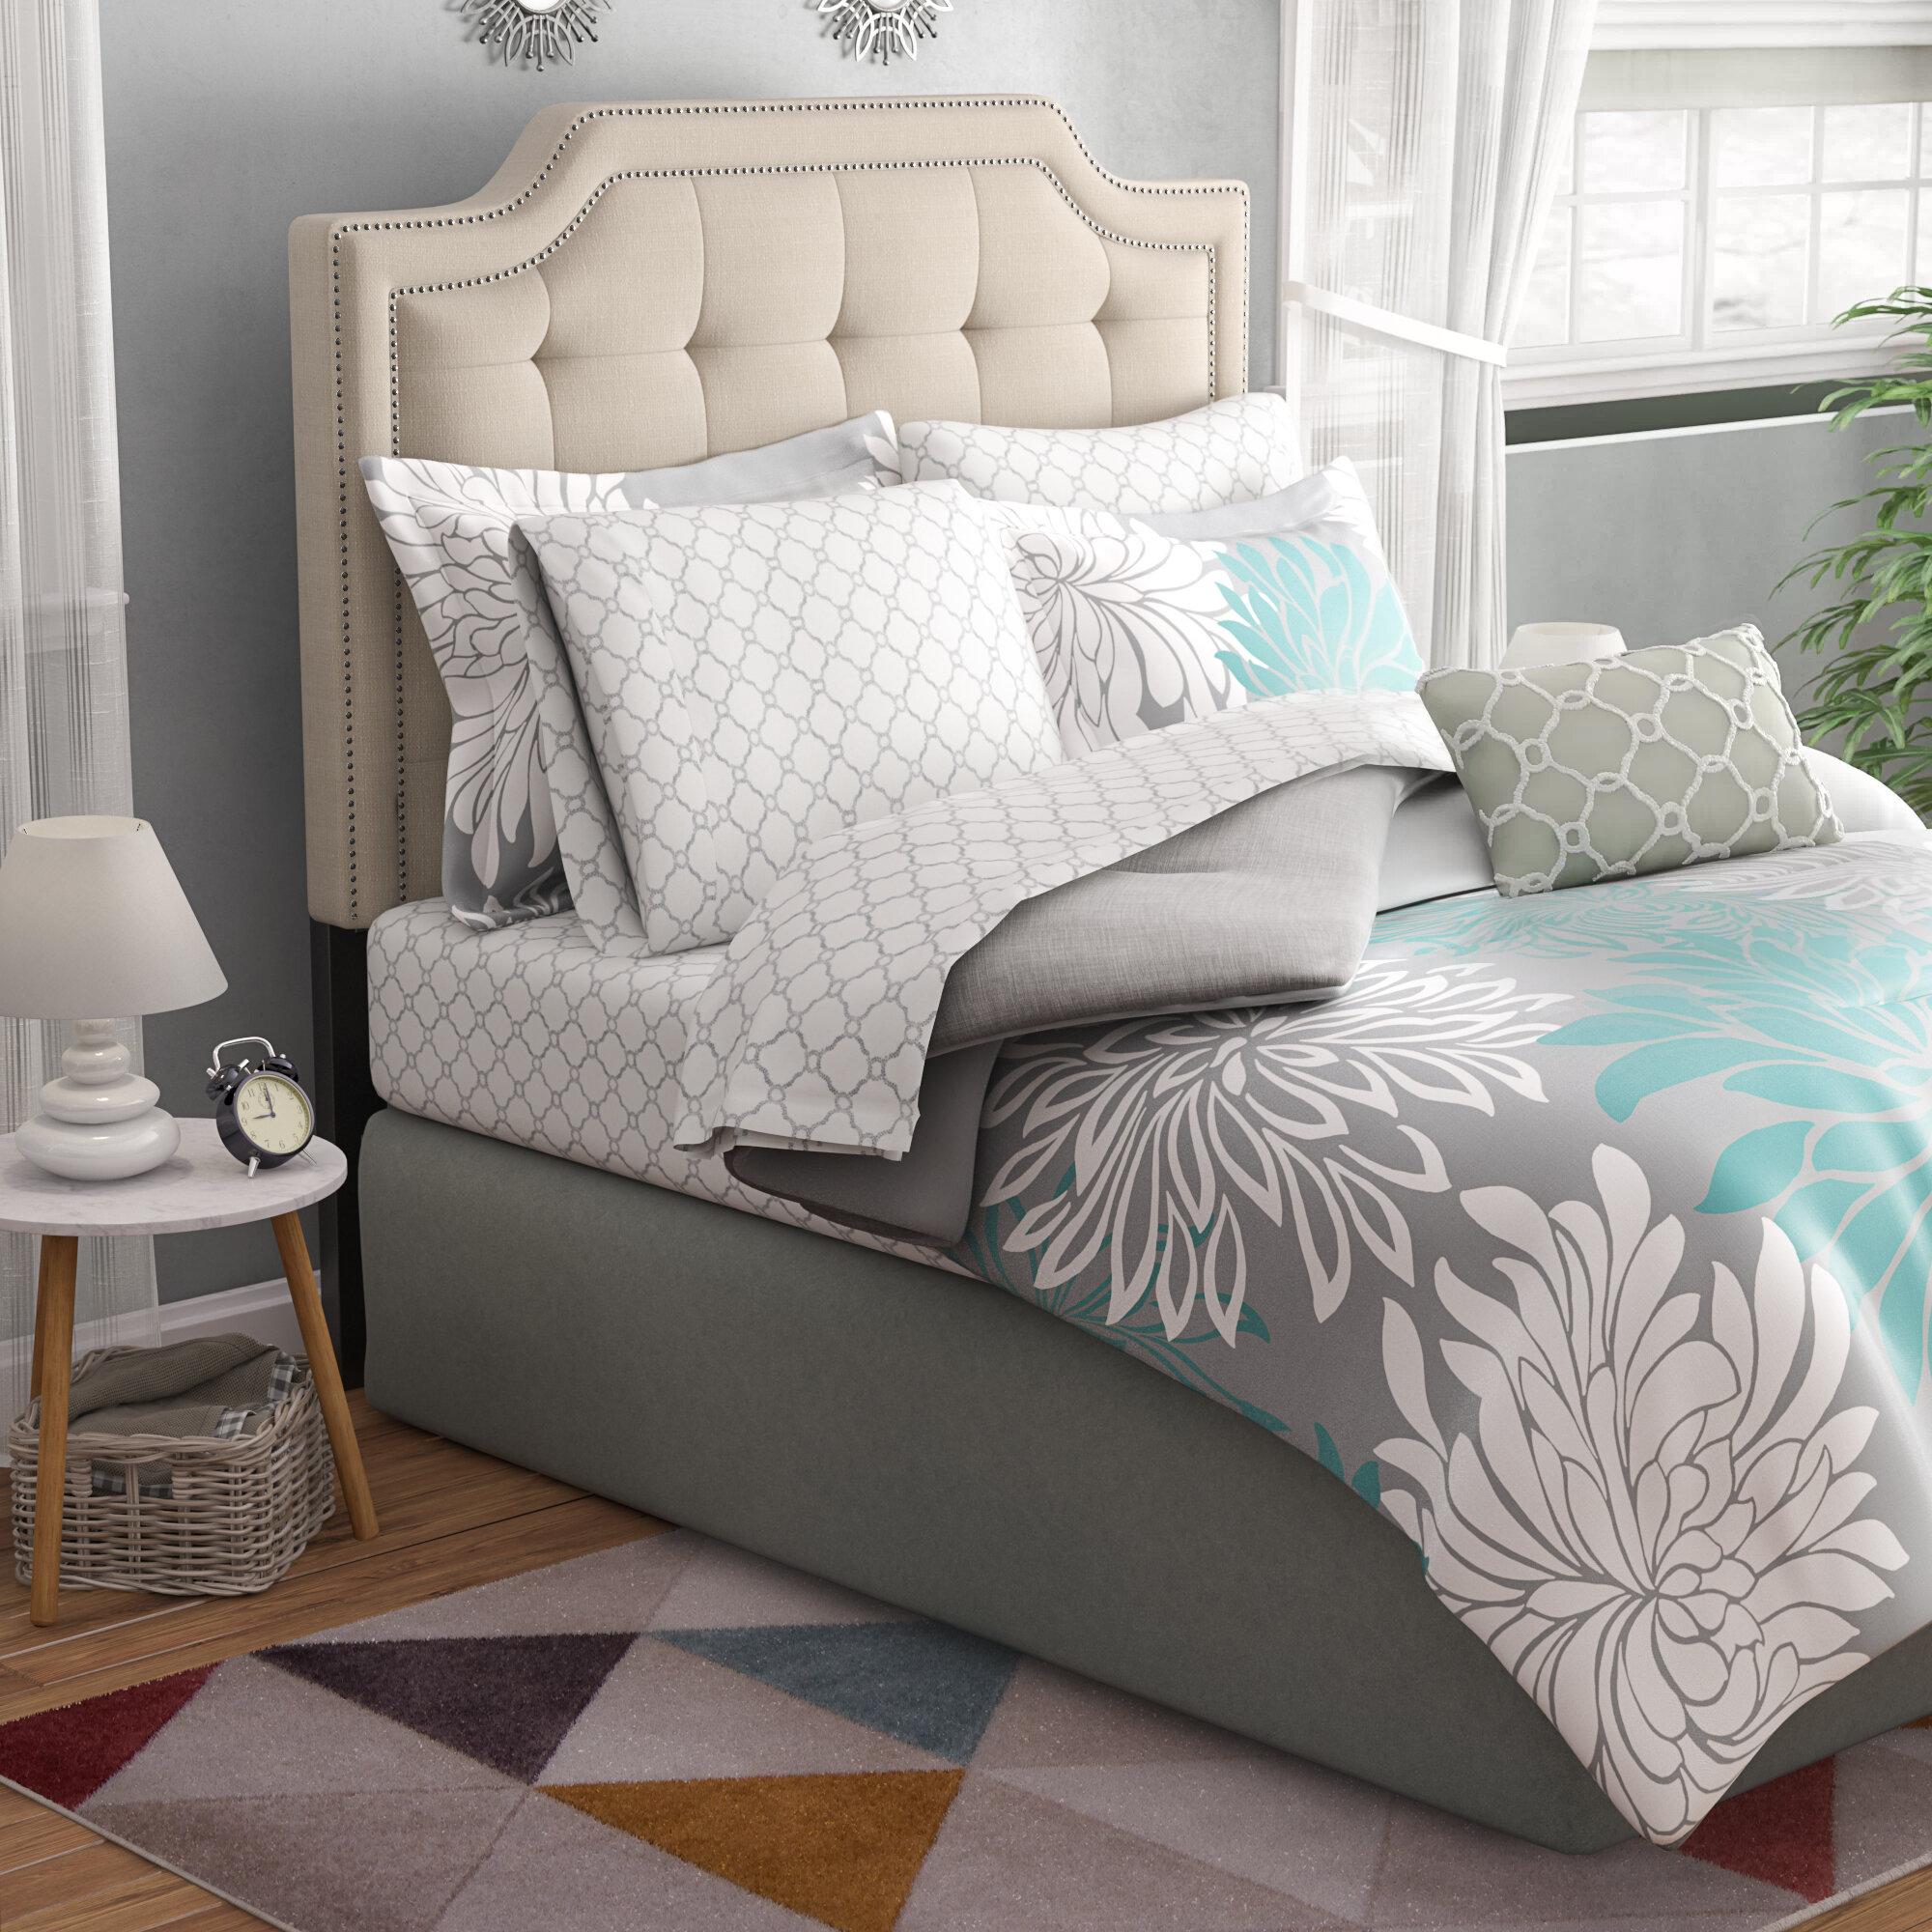 0fbc095bc Olivet Complete Comforter Set